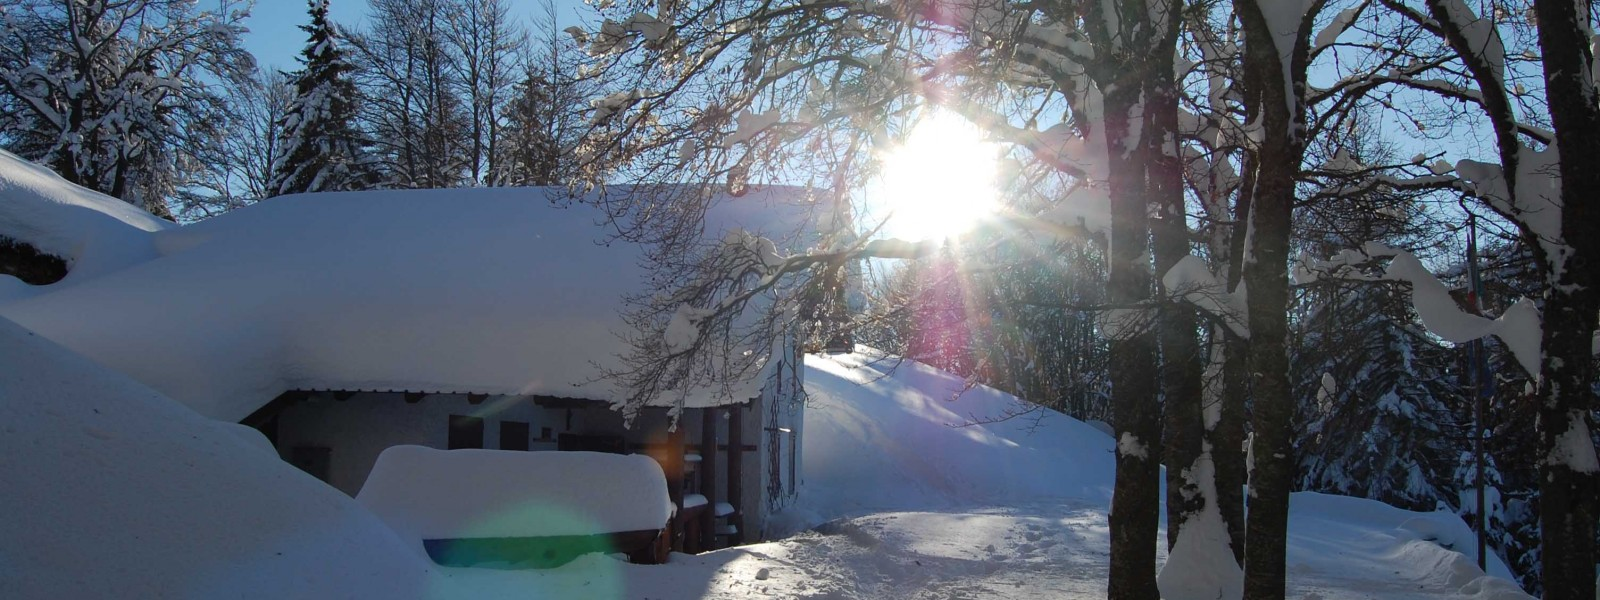 Baita Biaena in inverno